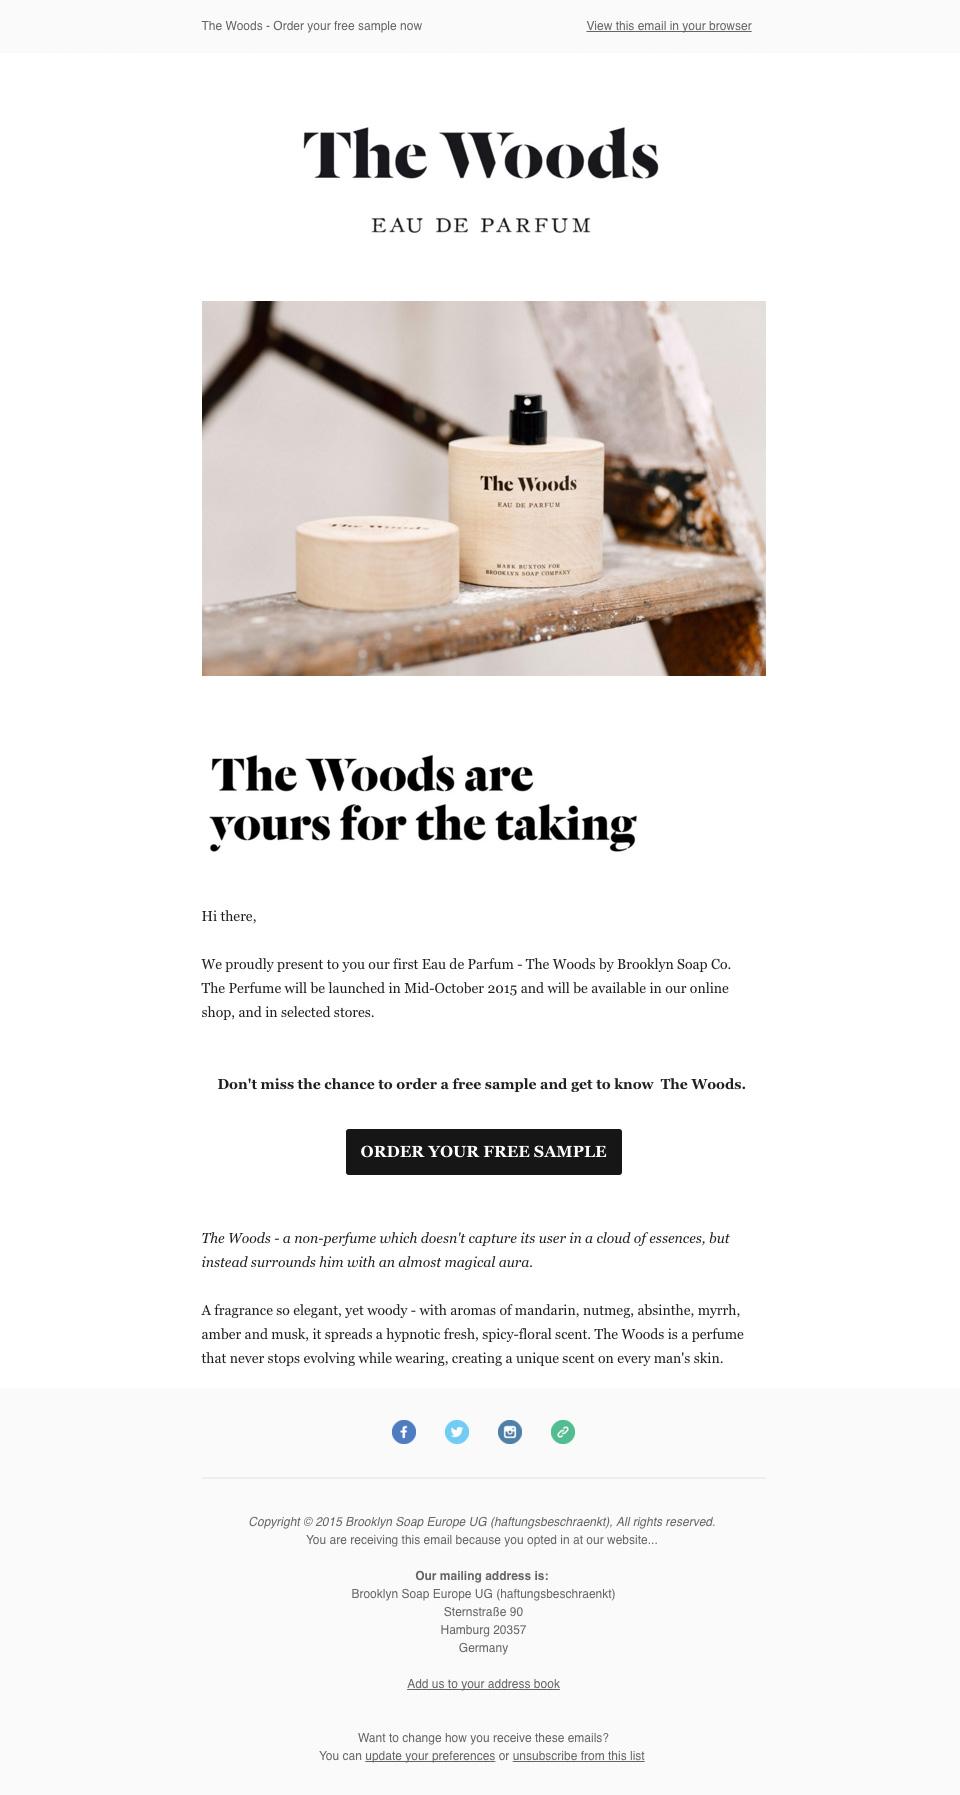 brooklyn-soap-newsletter